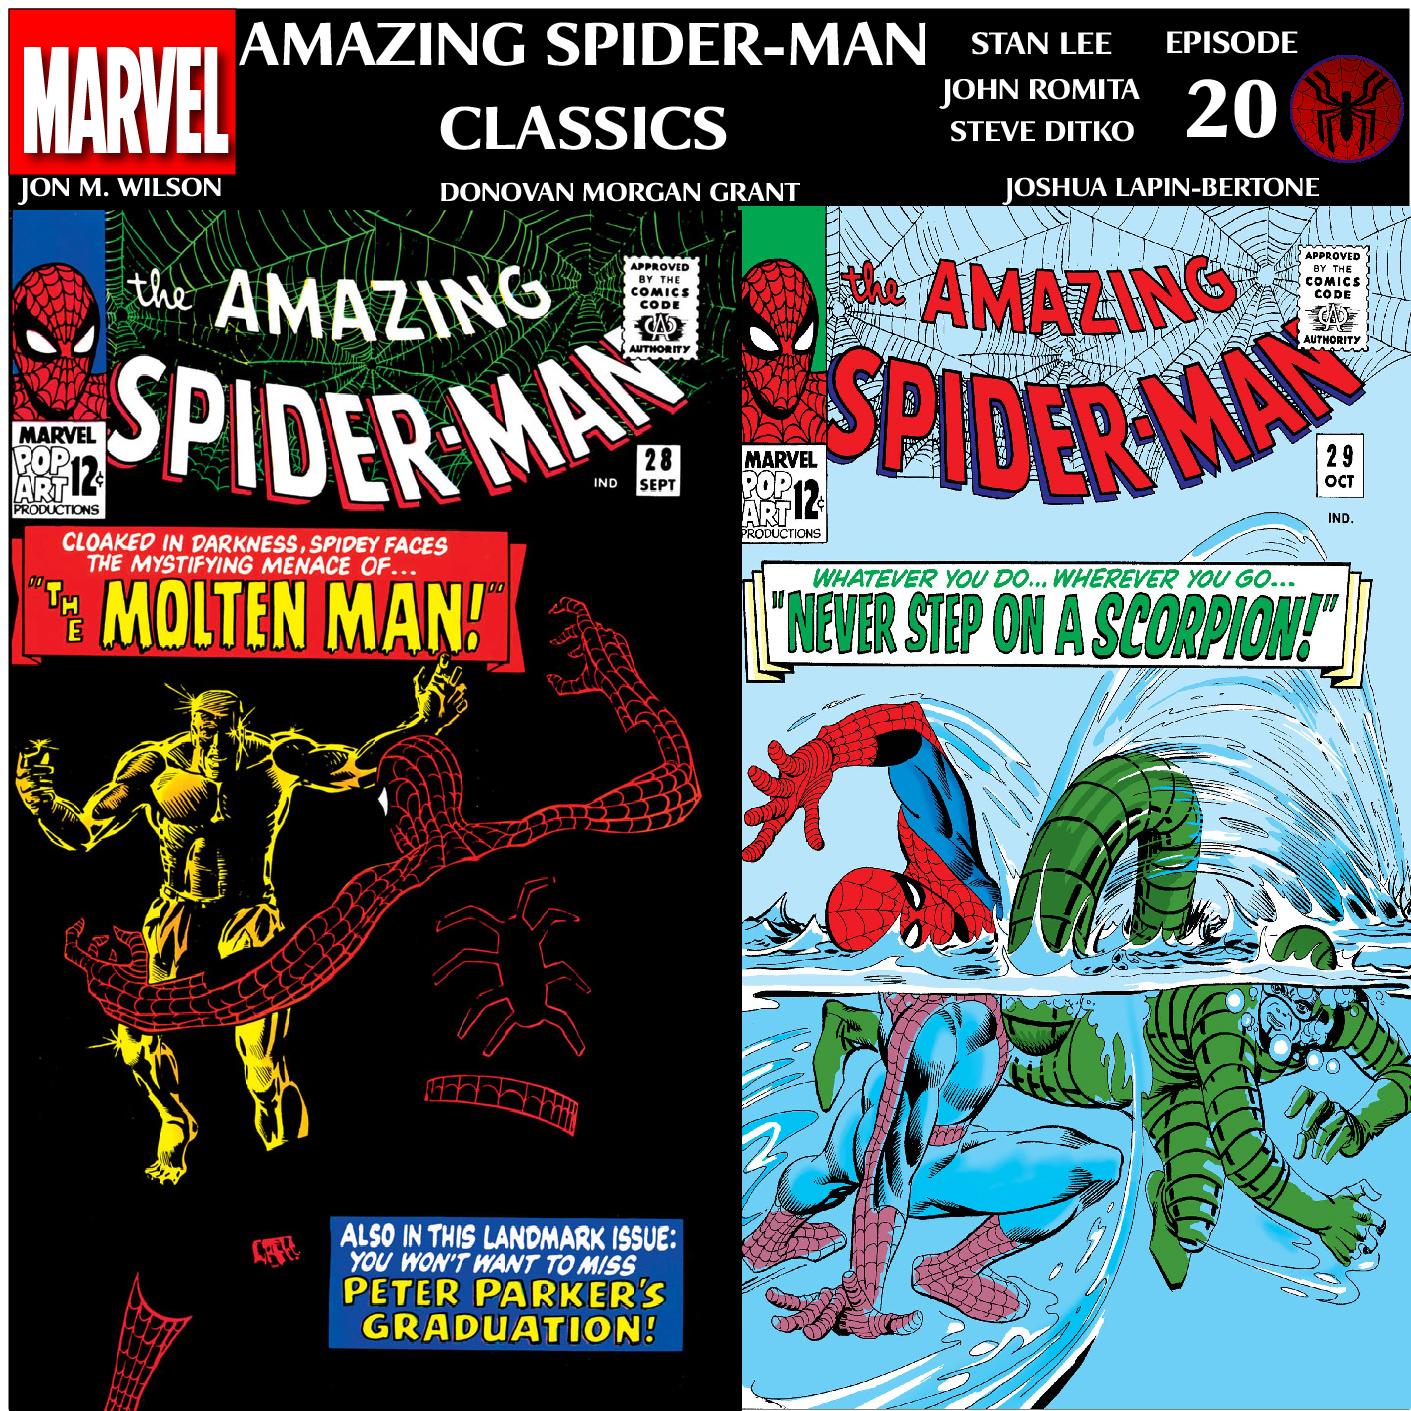 ASM Classics Episode 20: Amazing Spider-Man 28 & 29